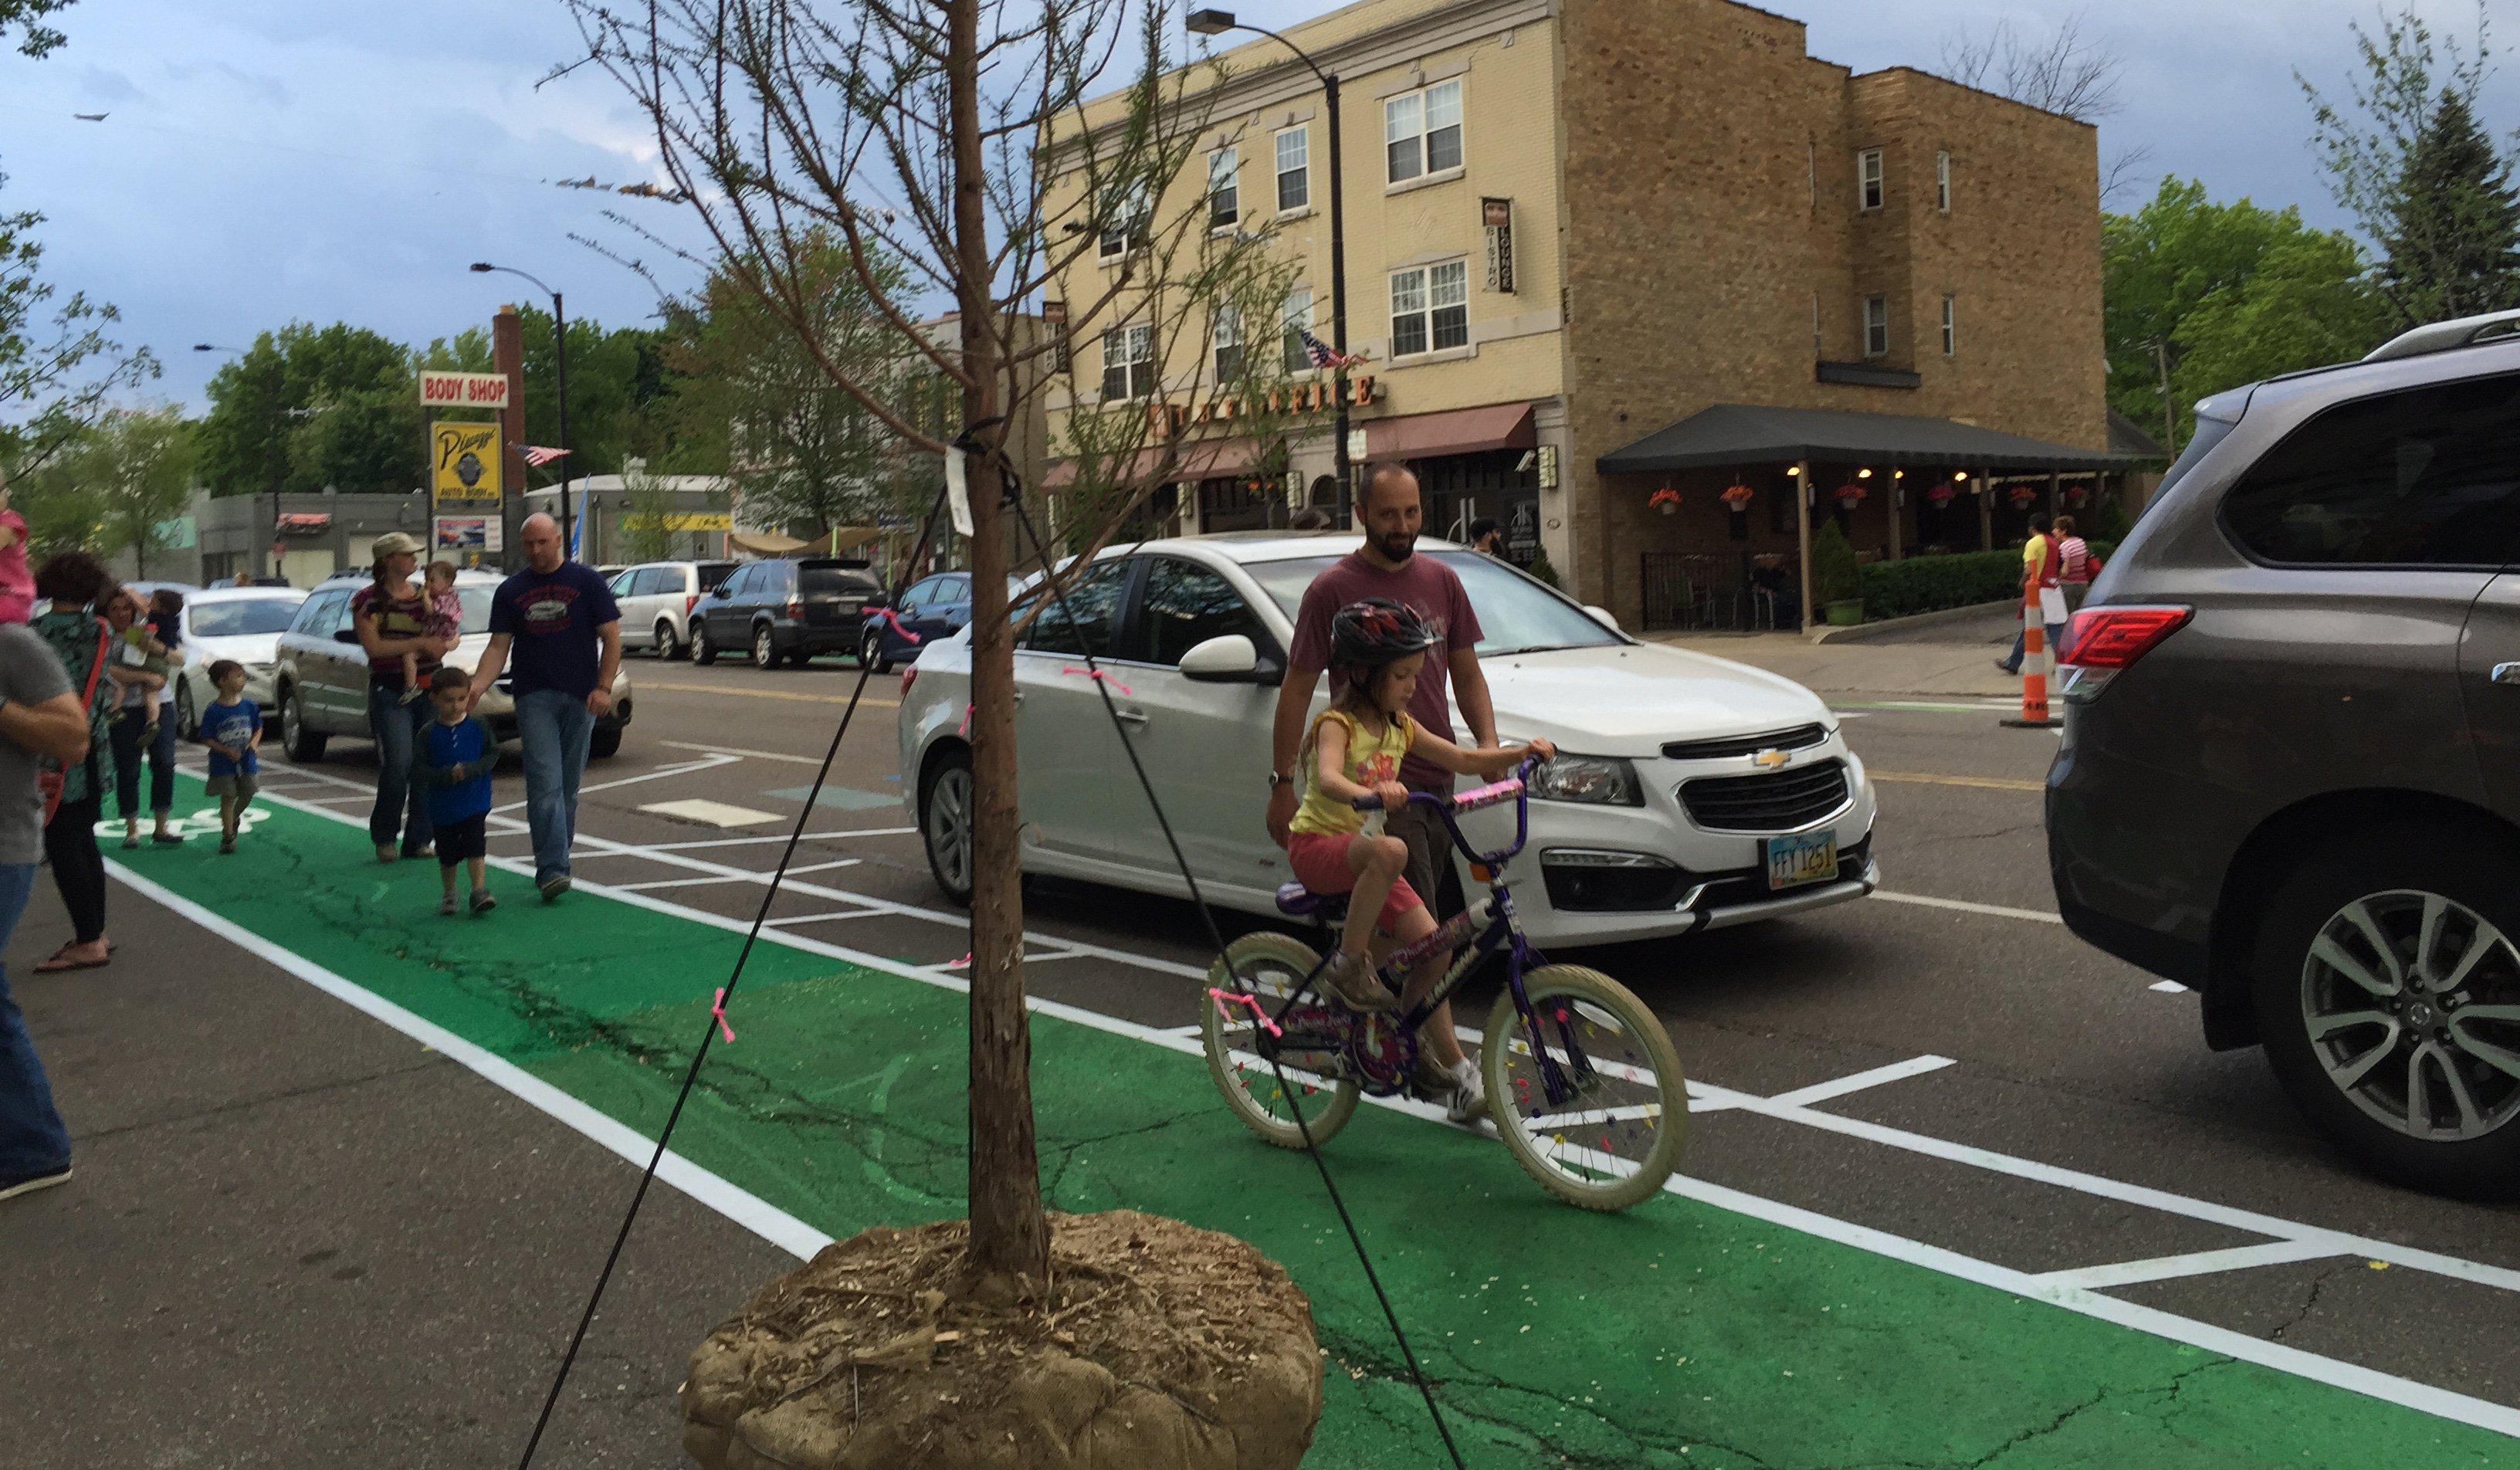 Green Bike Lane